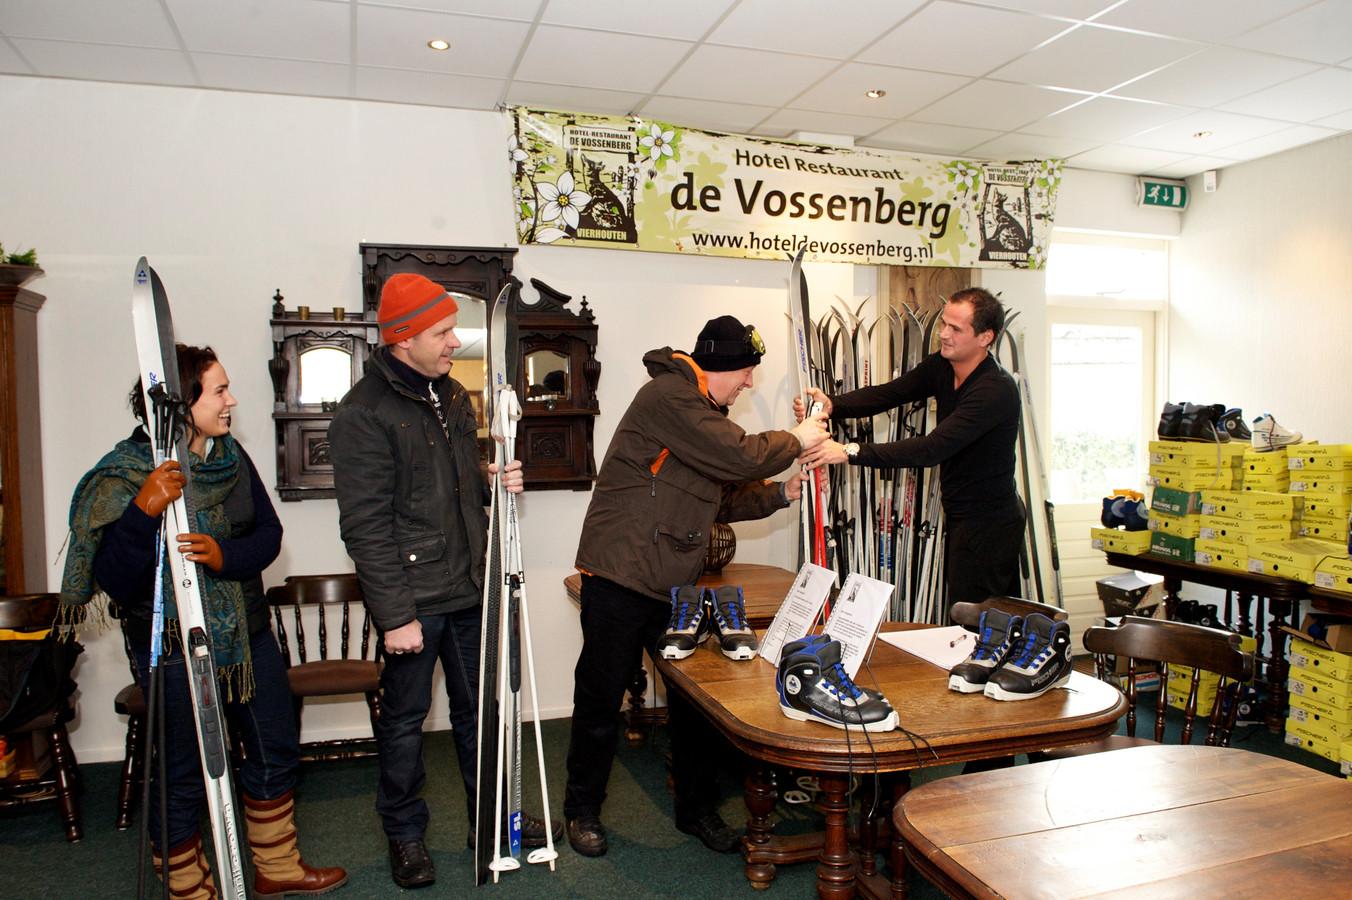 De verhuur van langlauflatten is al jarenlang een vaste prik bij een pak sneeuw in Vierhouten.